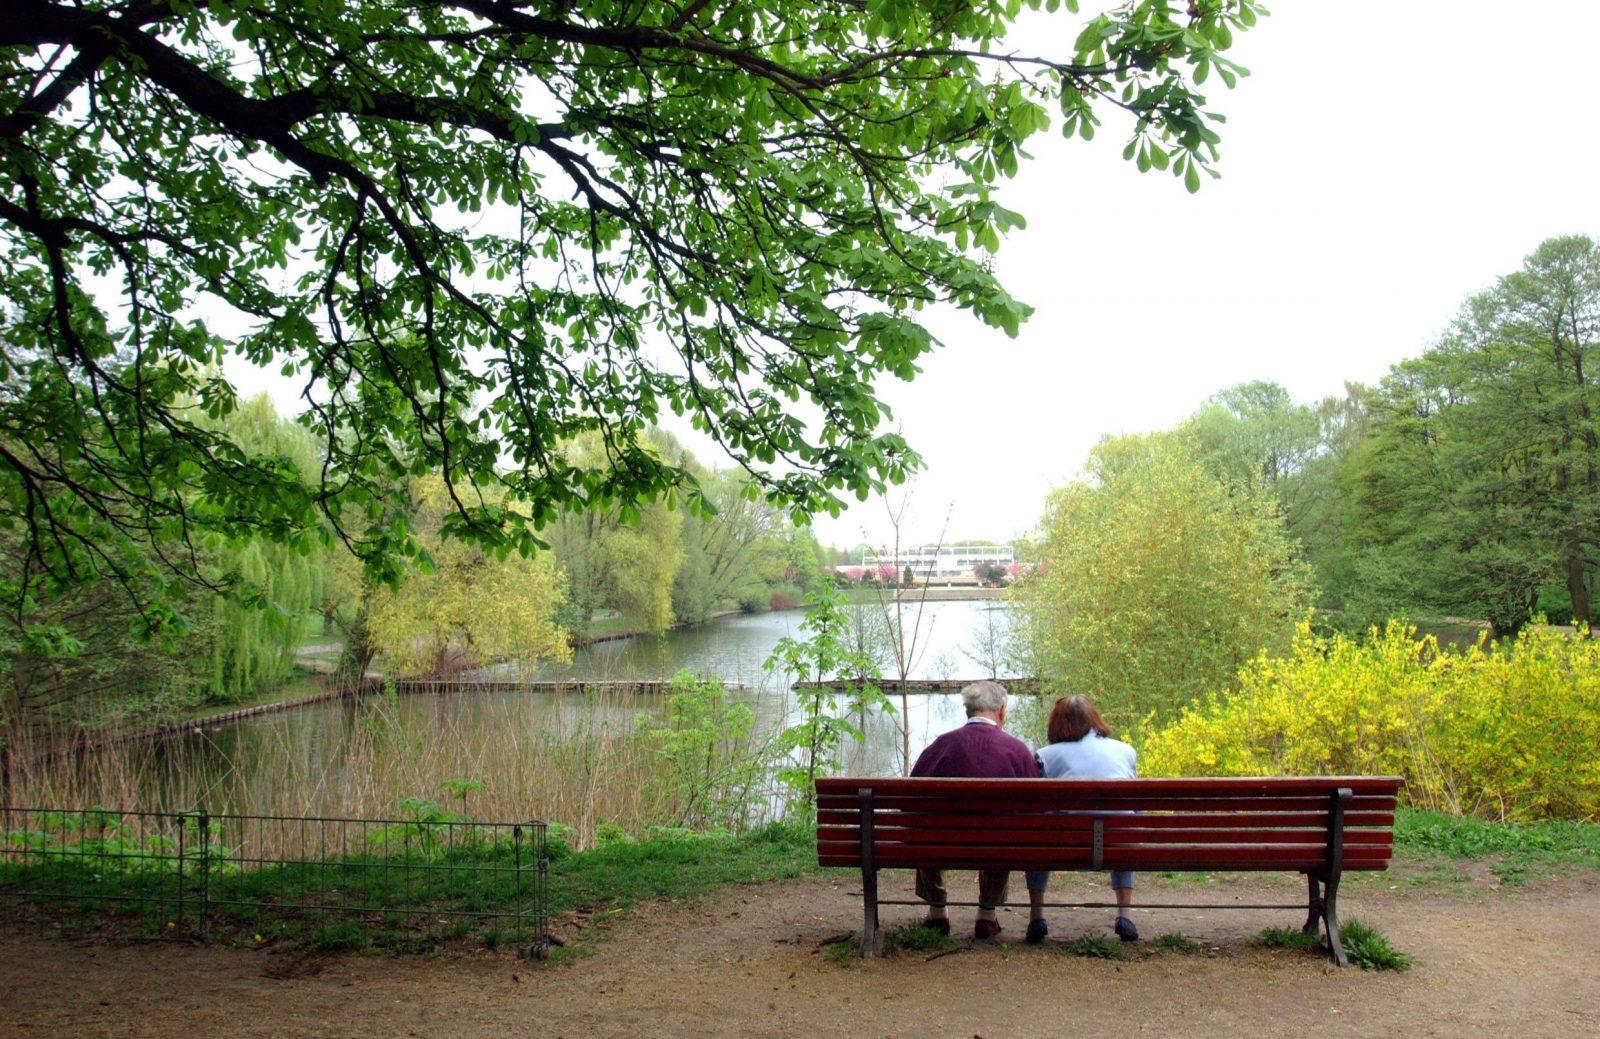 Das Herz des Volksparks Mariendorf ist der schöne Blümelteich.